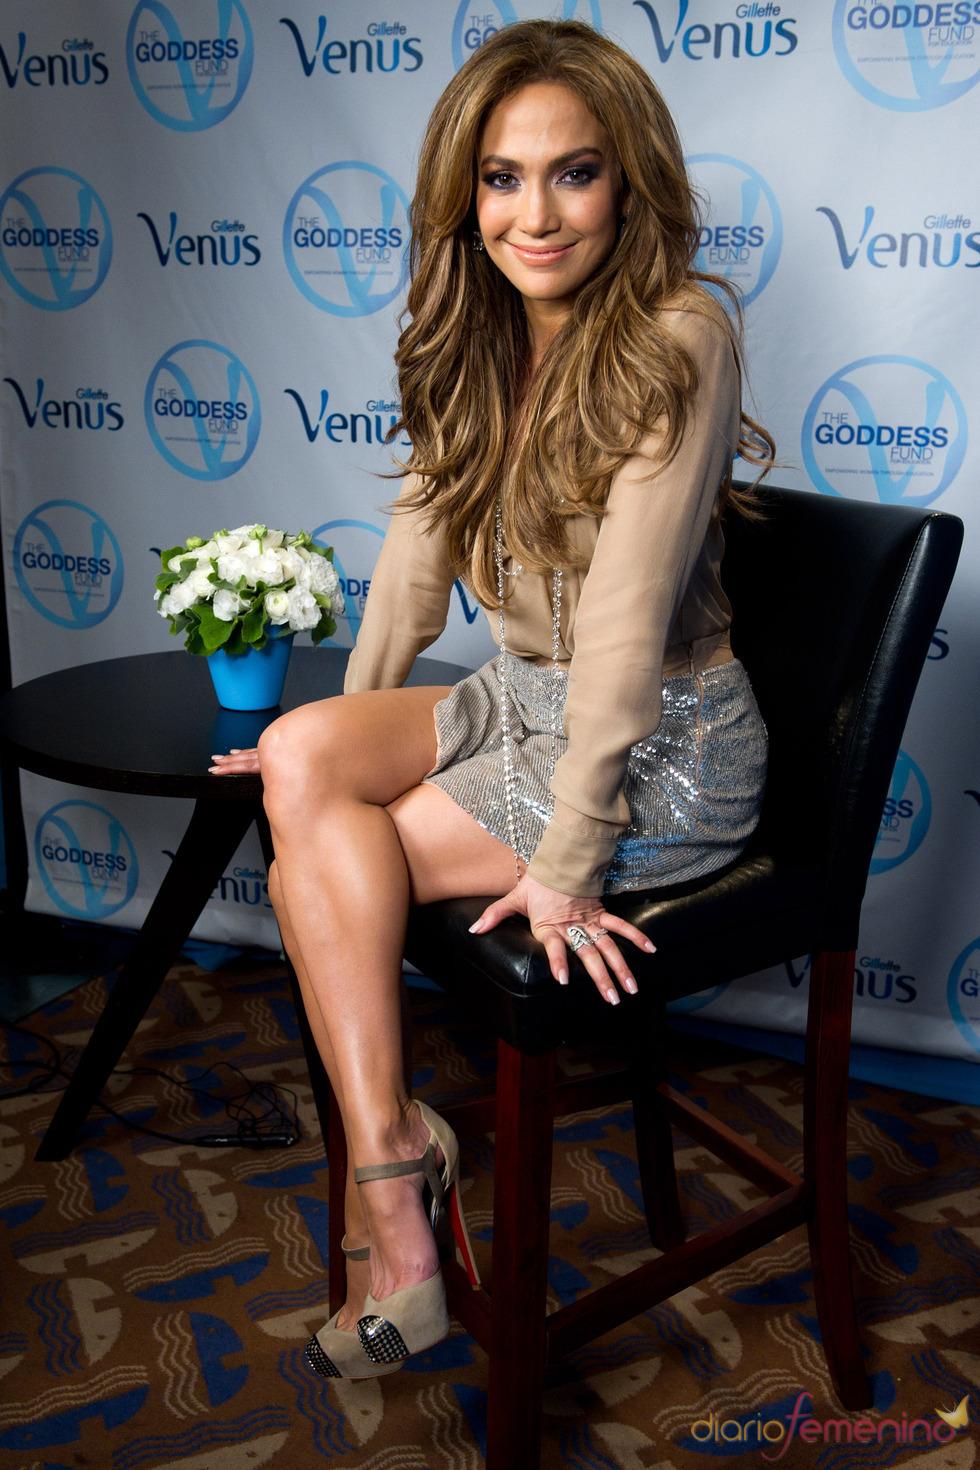 Jennifer López, feliz y enseñando muslo como imagen de Gillette Venus